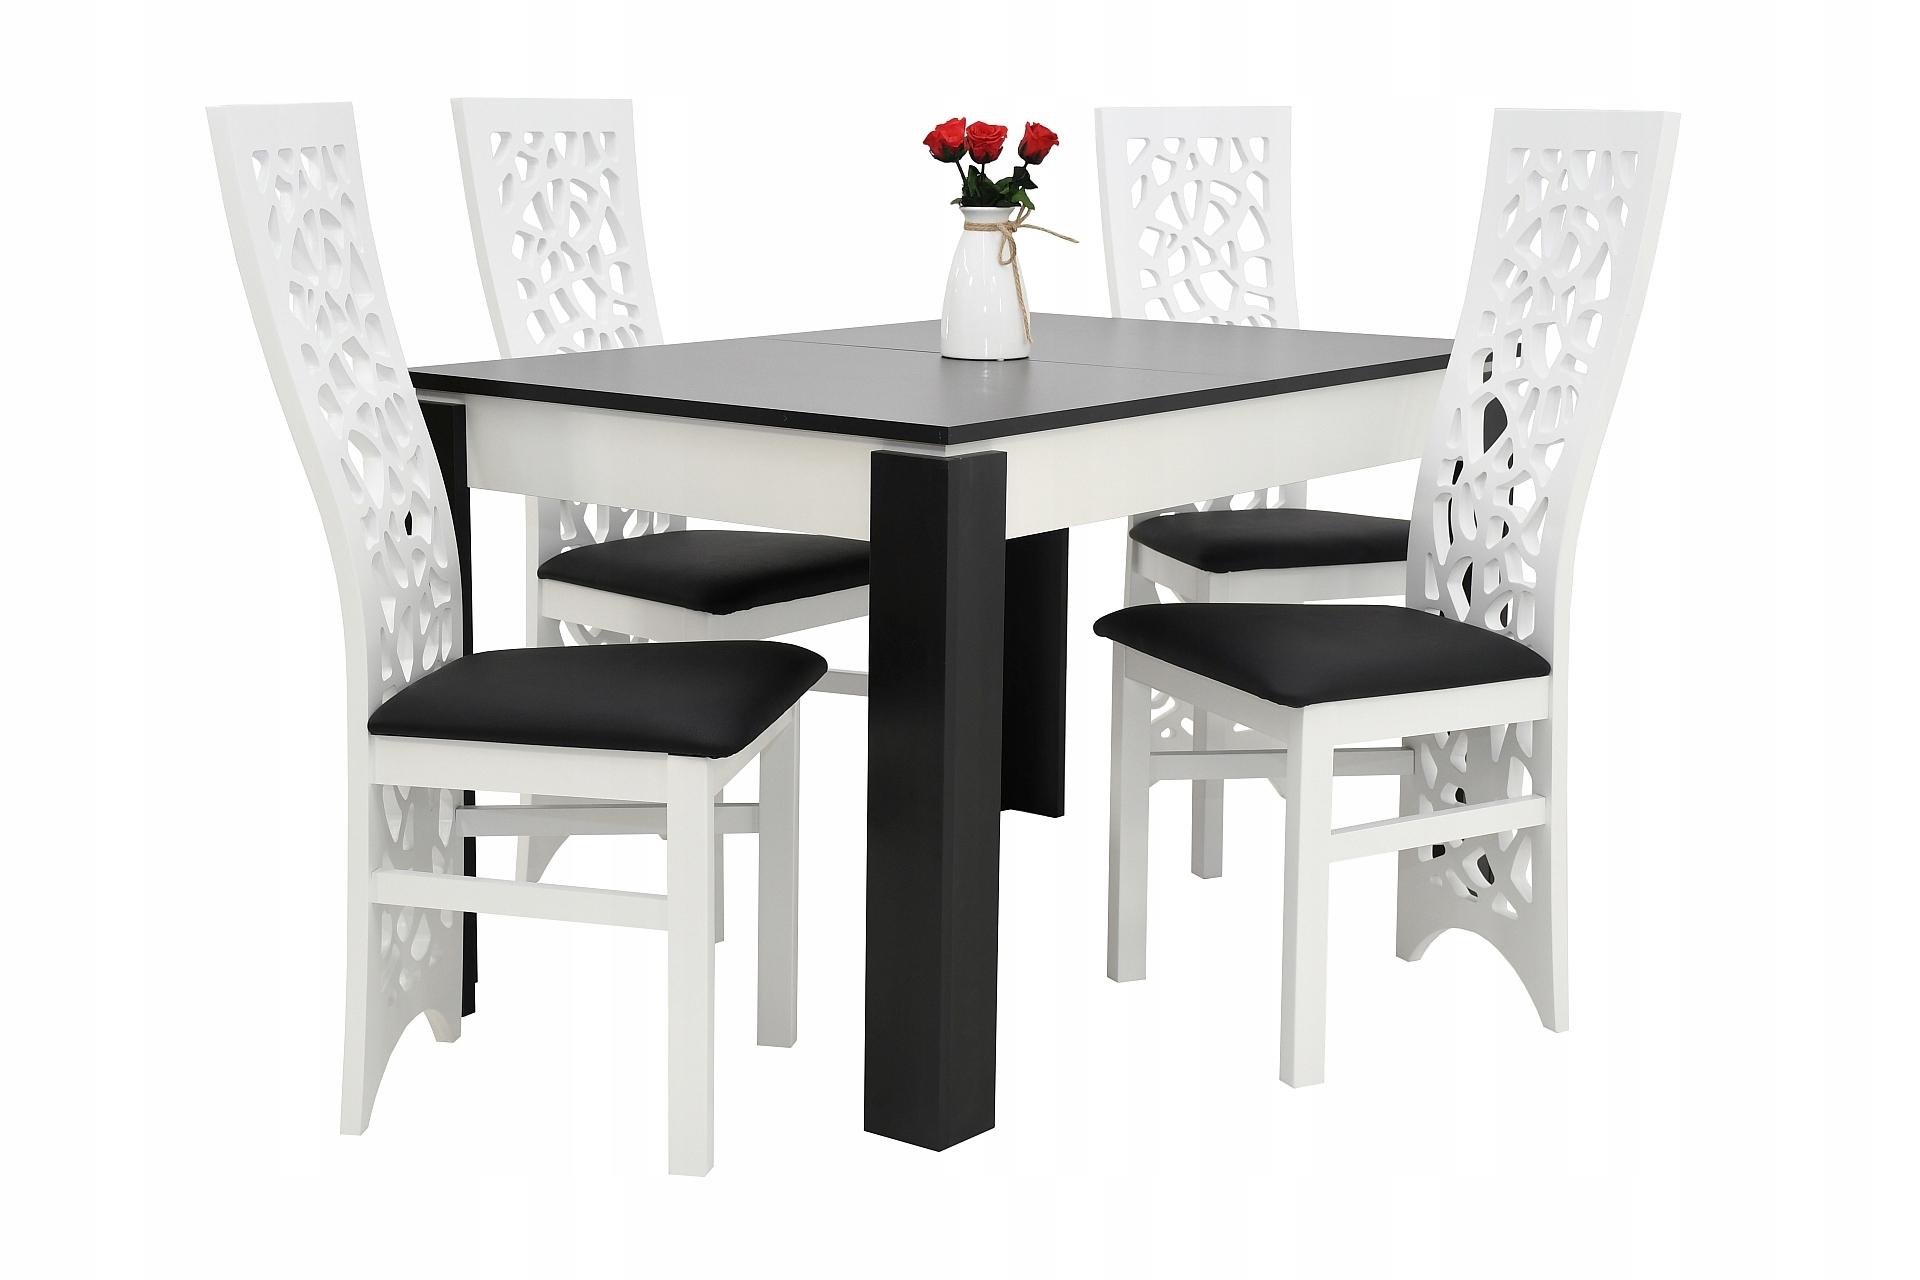 4 moderné stoličky, DREVO a tabuľka